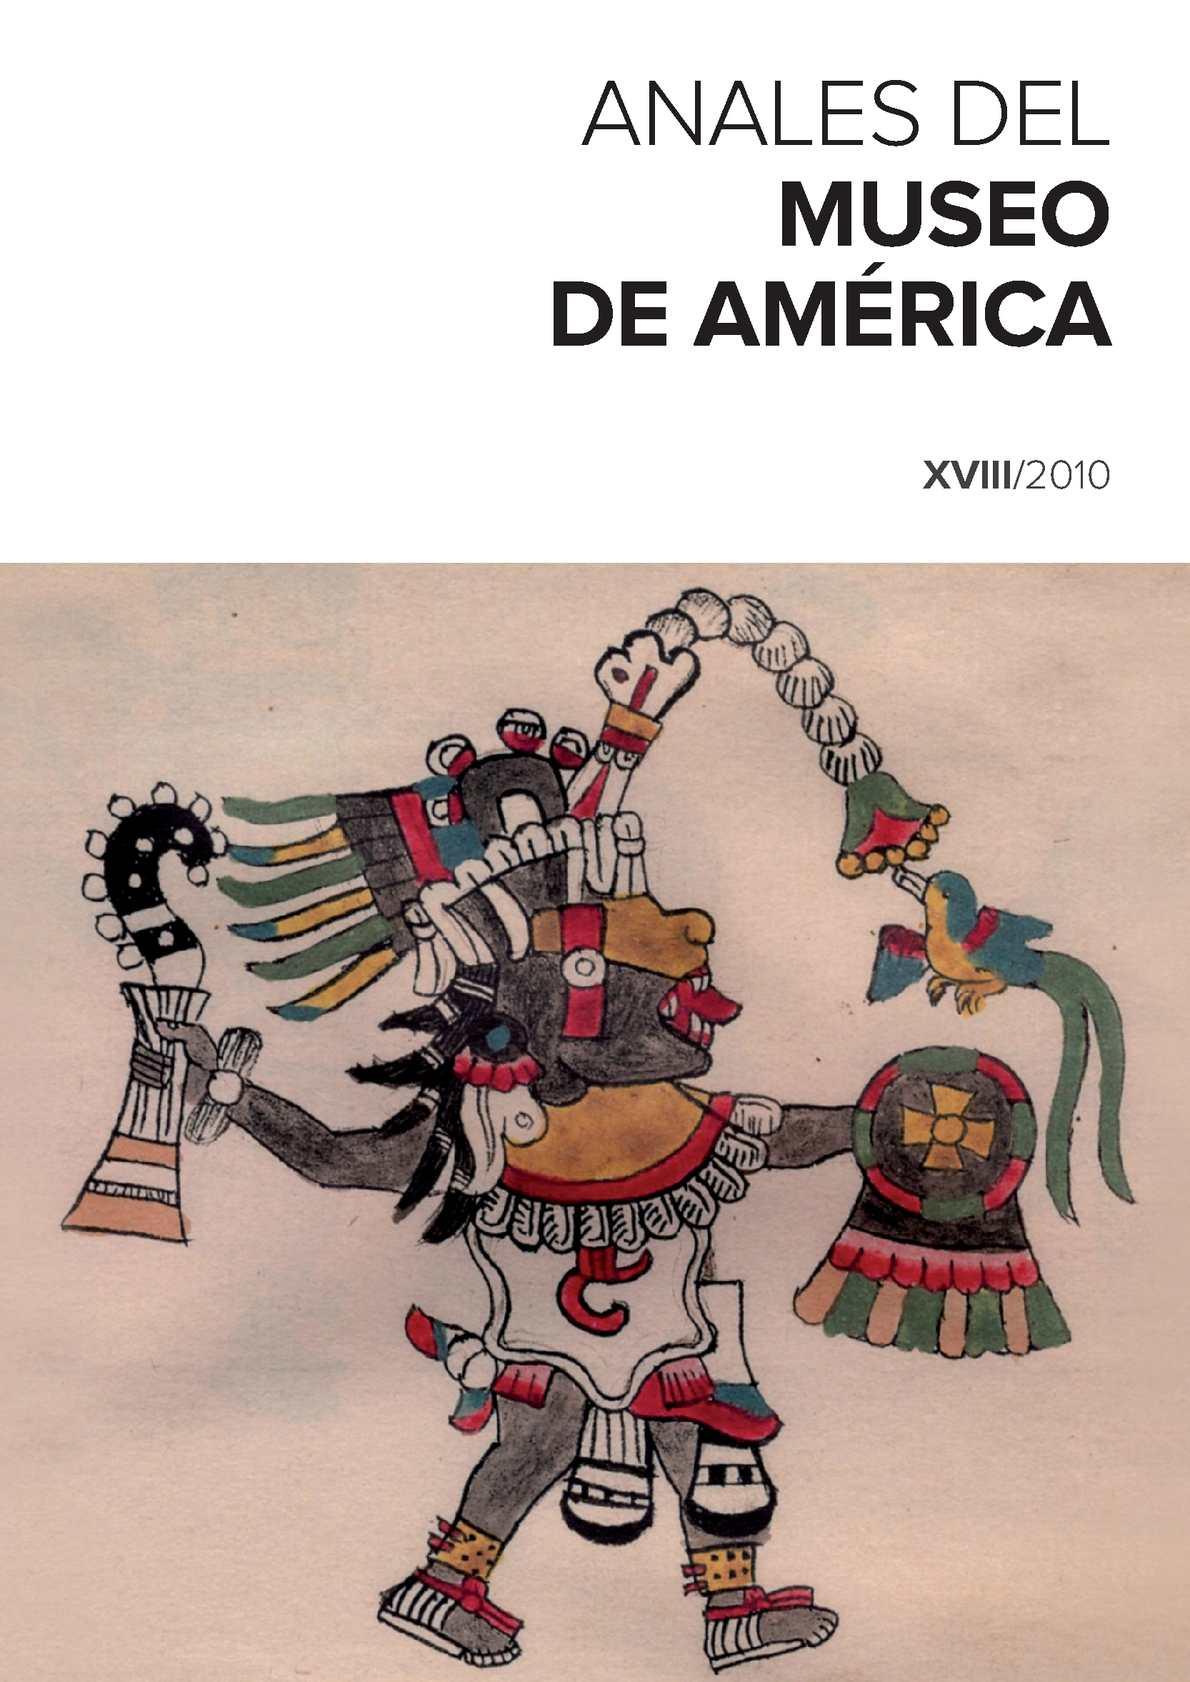 Calaméo - Anales del Museo de América XVIII/2010